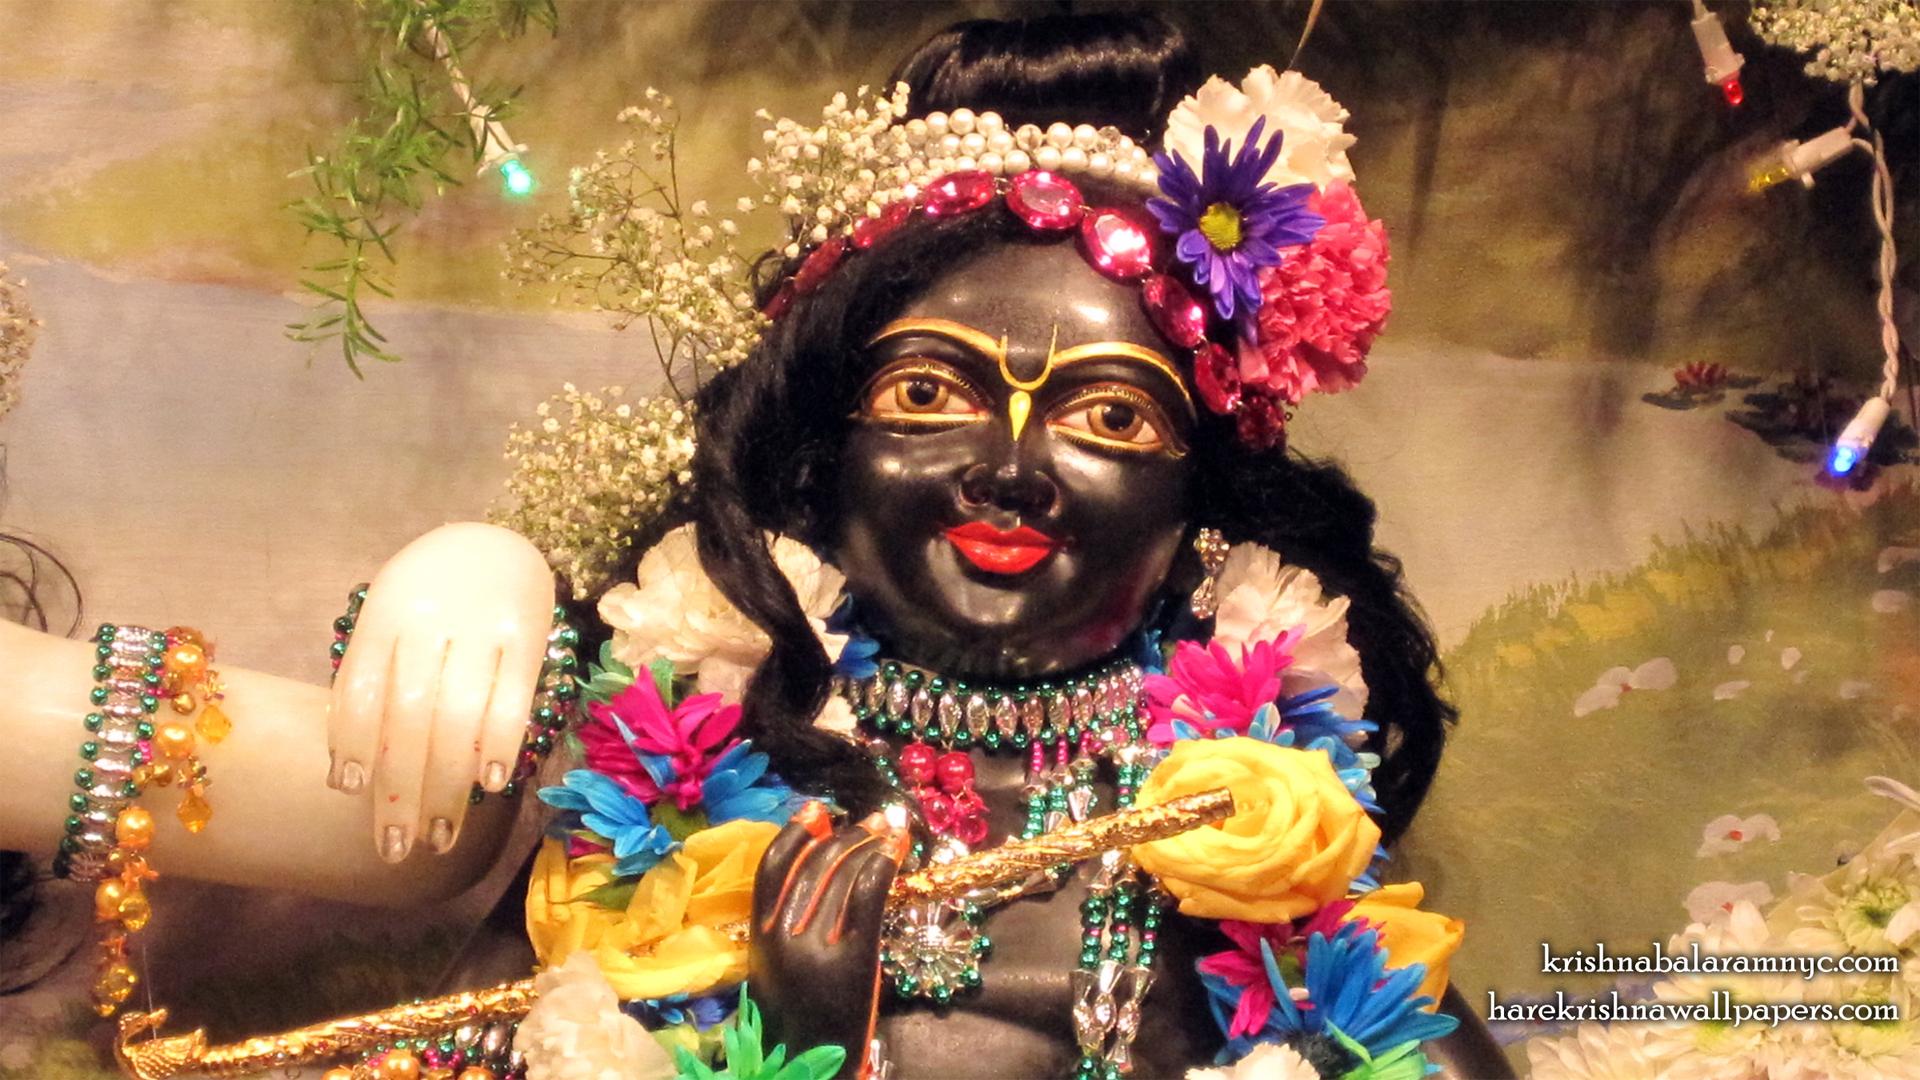 Sri Hari Close up Wallpaper (001) Size 1920x1080 Download